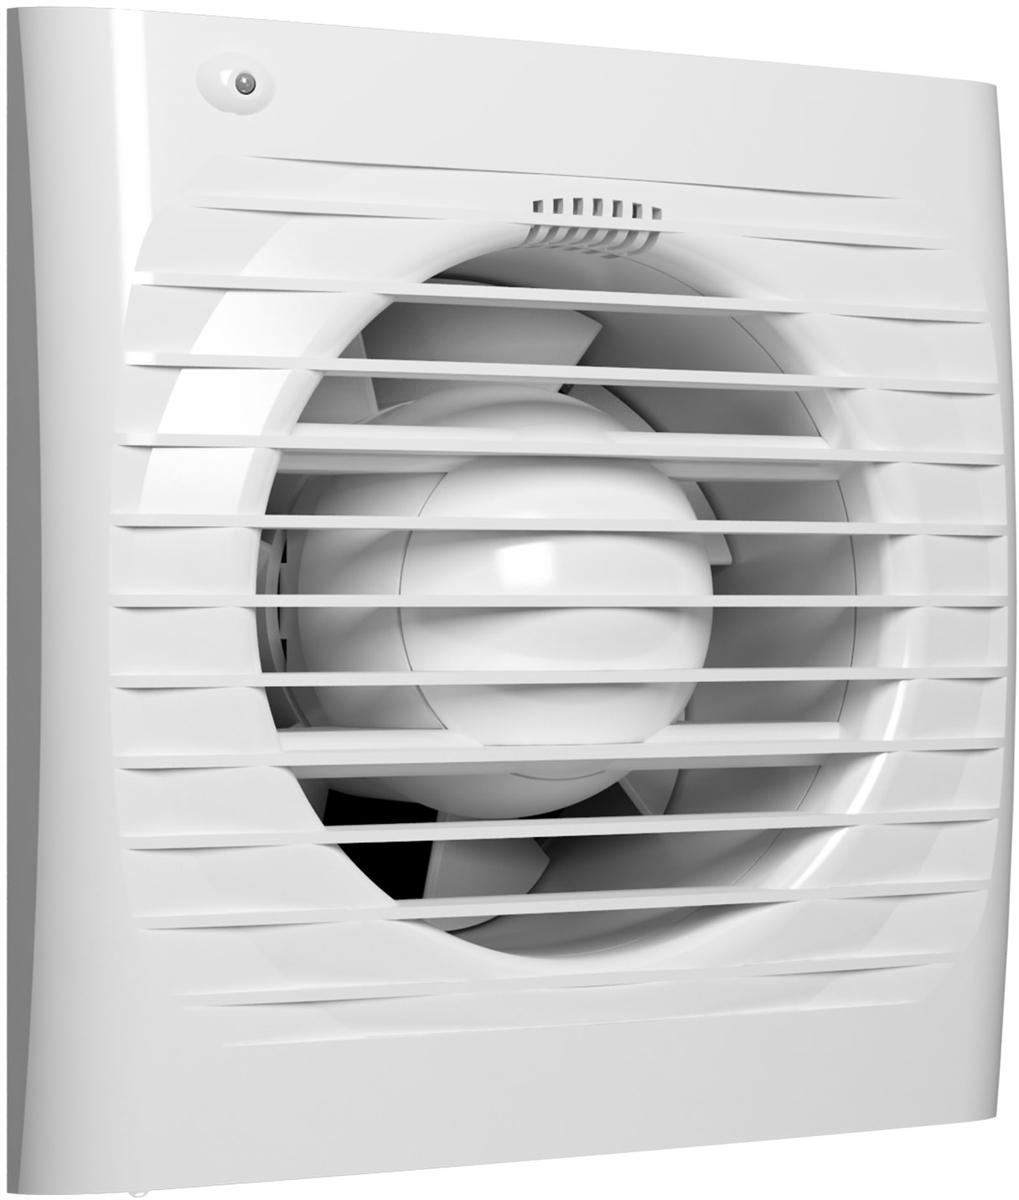 ERA 6C вентилятор осевой вытяжнойERA 6CВентилятор серии ERA с диаметром фланца 150мм. ERA - стандартная линейка вентиляторов. Самая топовая серия вентиляторов, оснащенная самым богатым выбором функций и опций. Вентилятор выполнен в классическом дизайне, благодаря чему впишется в любой интерьер. Лицевая панель, корпус и крыльчатка изготовлены из ABS-пластика. Двигатели вентиляторов данной серии оснащены встроенной термозащитой. Имеет световую индикацию работы. Вентилятор оснащен защитой от обратной тяги.